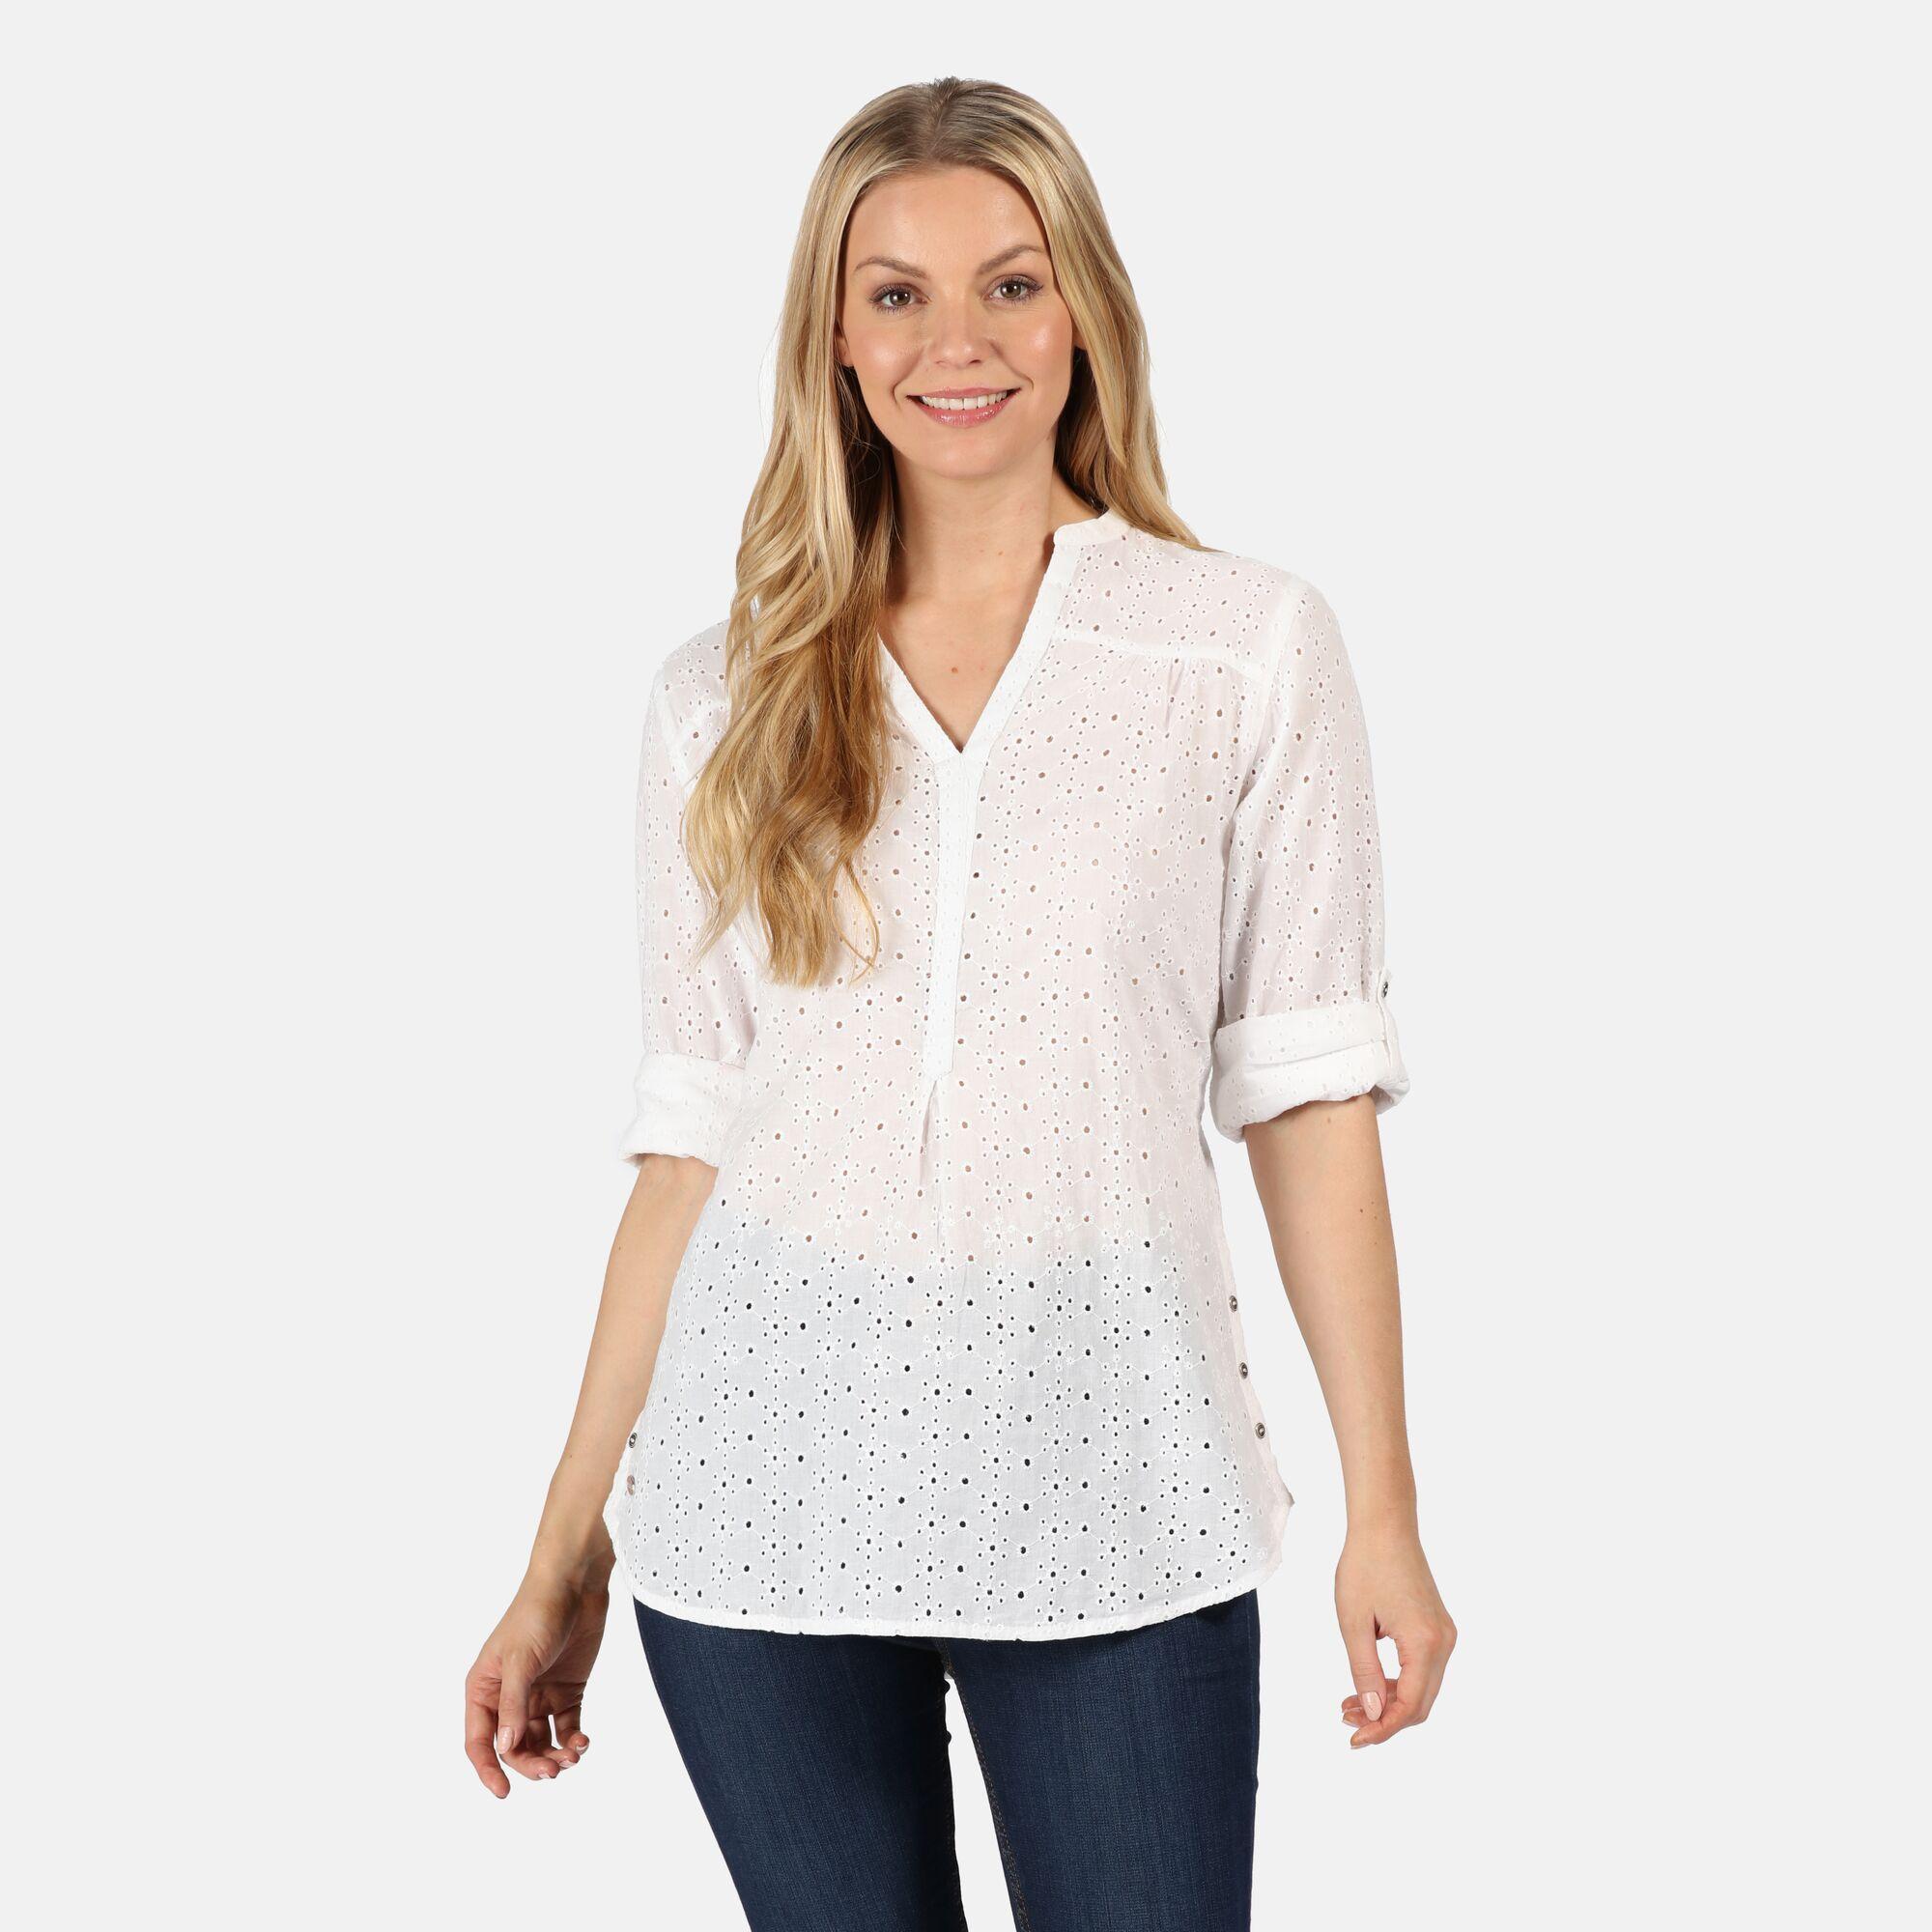 Woman wearing a white blouse.